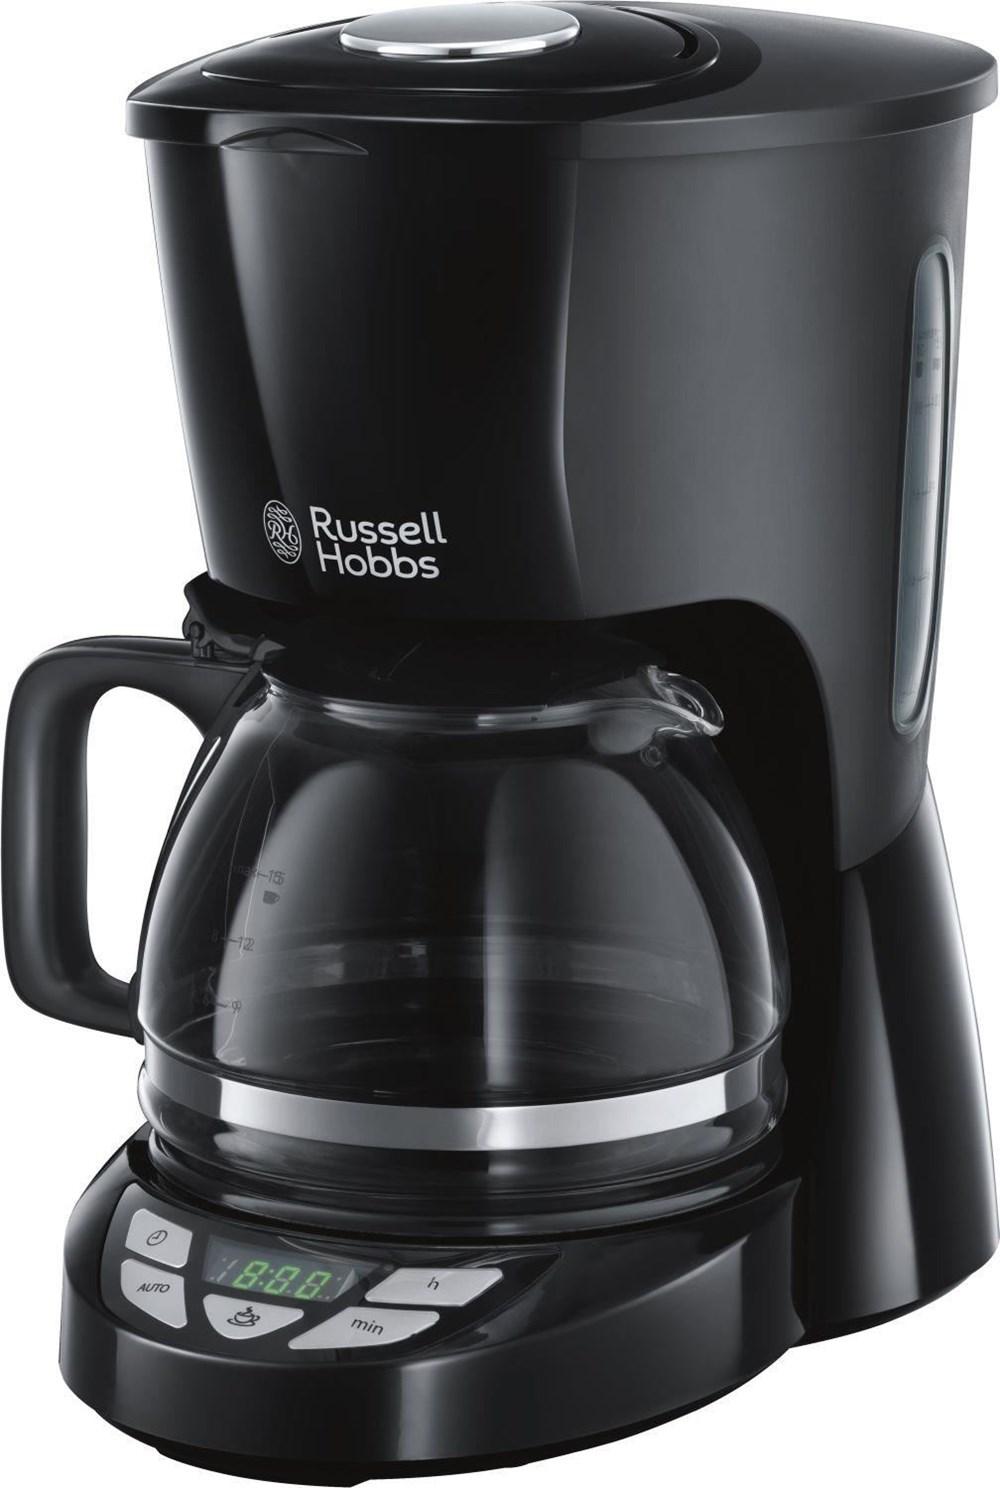 Russell Hobbs 22620-56 Textures Plusa Digitale Glas-Kaffeemaschine